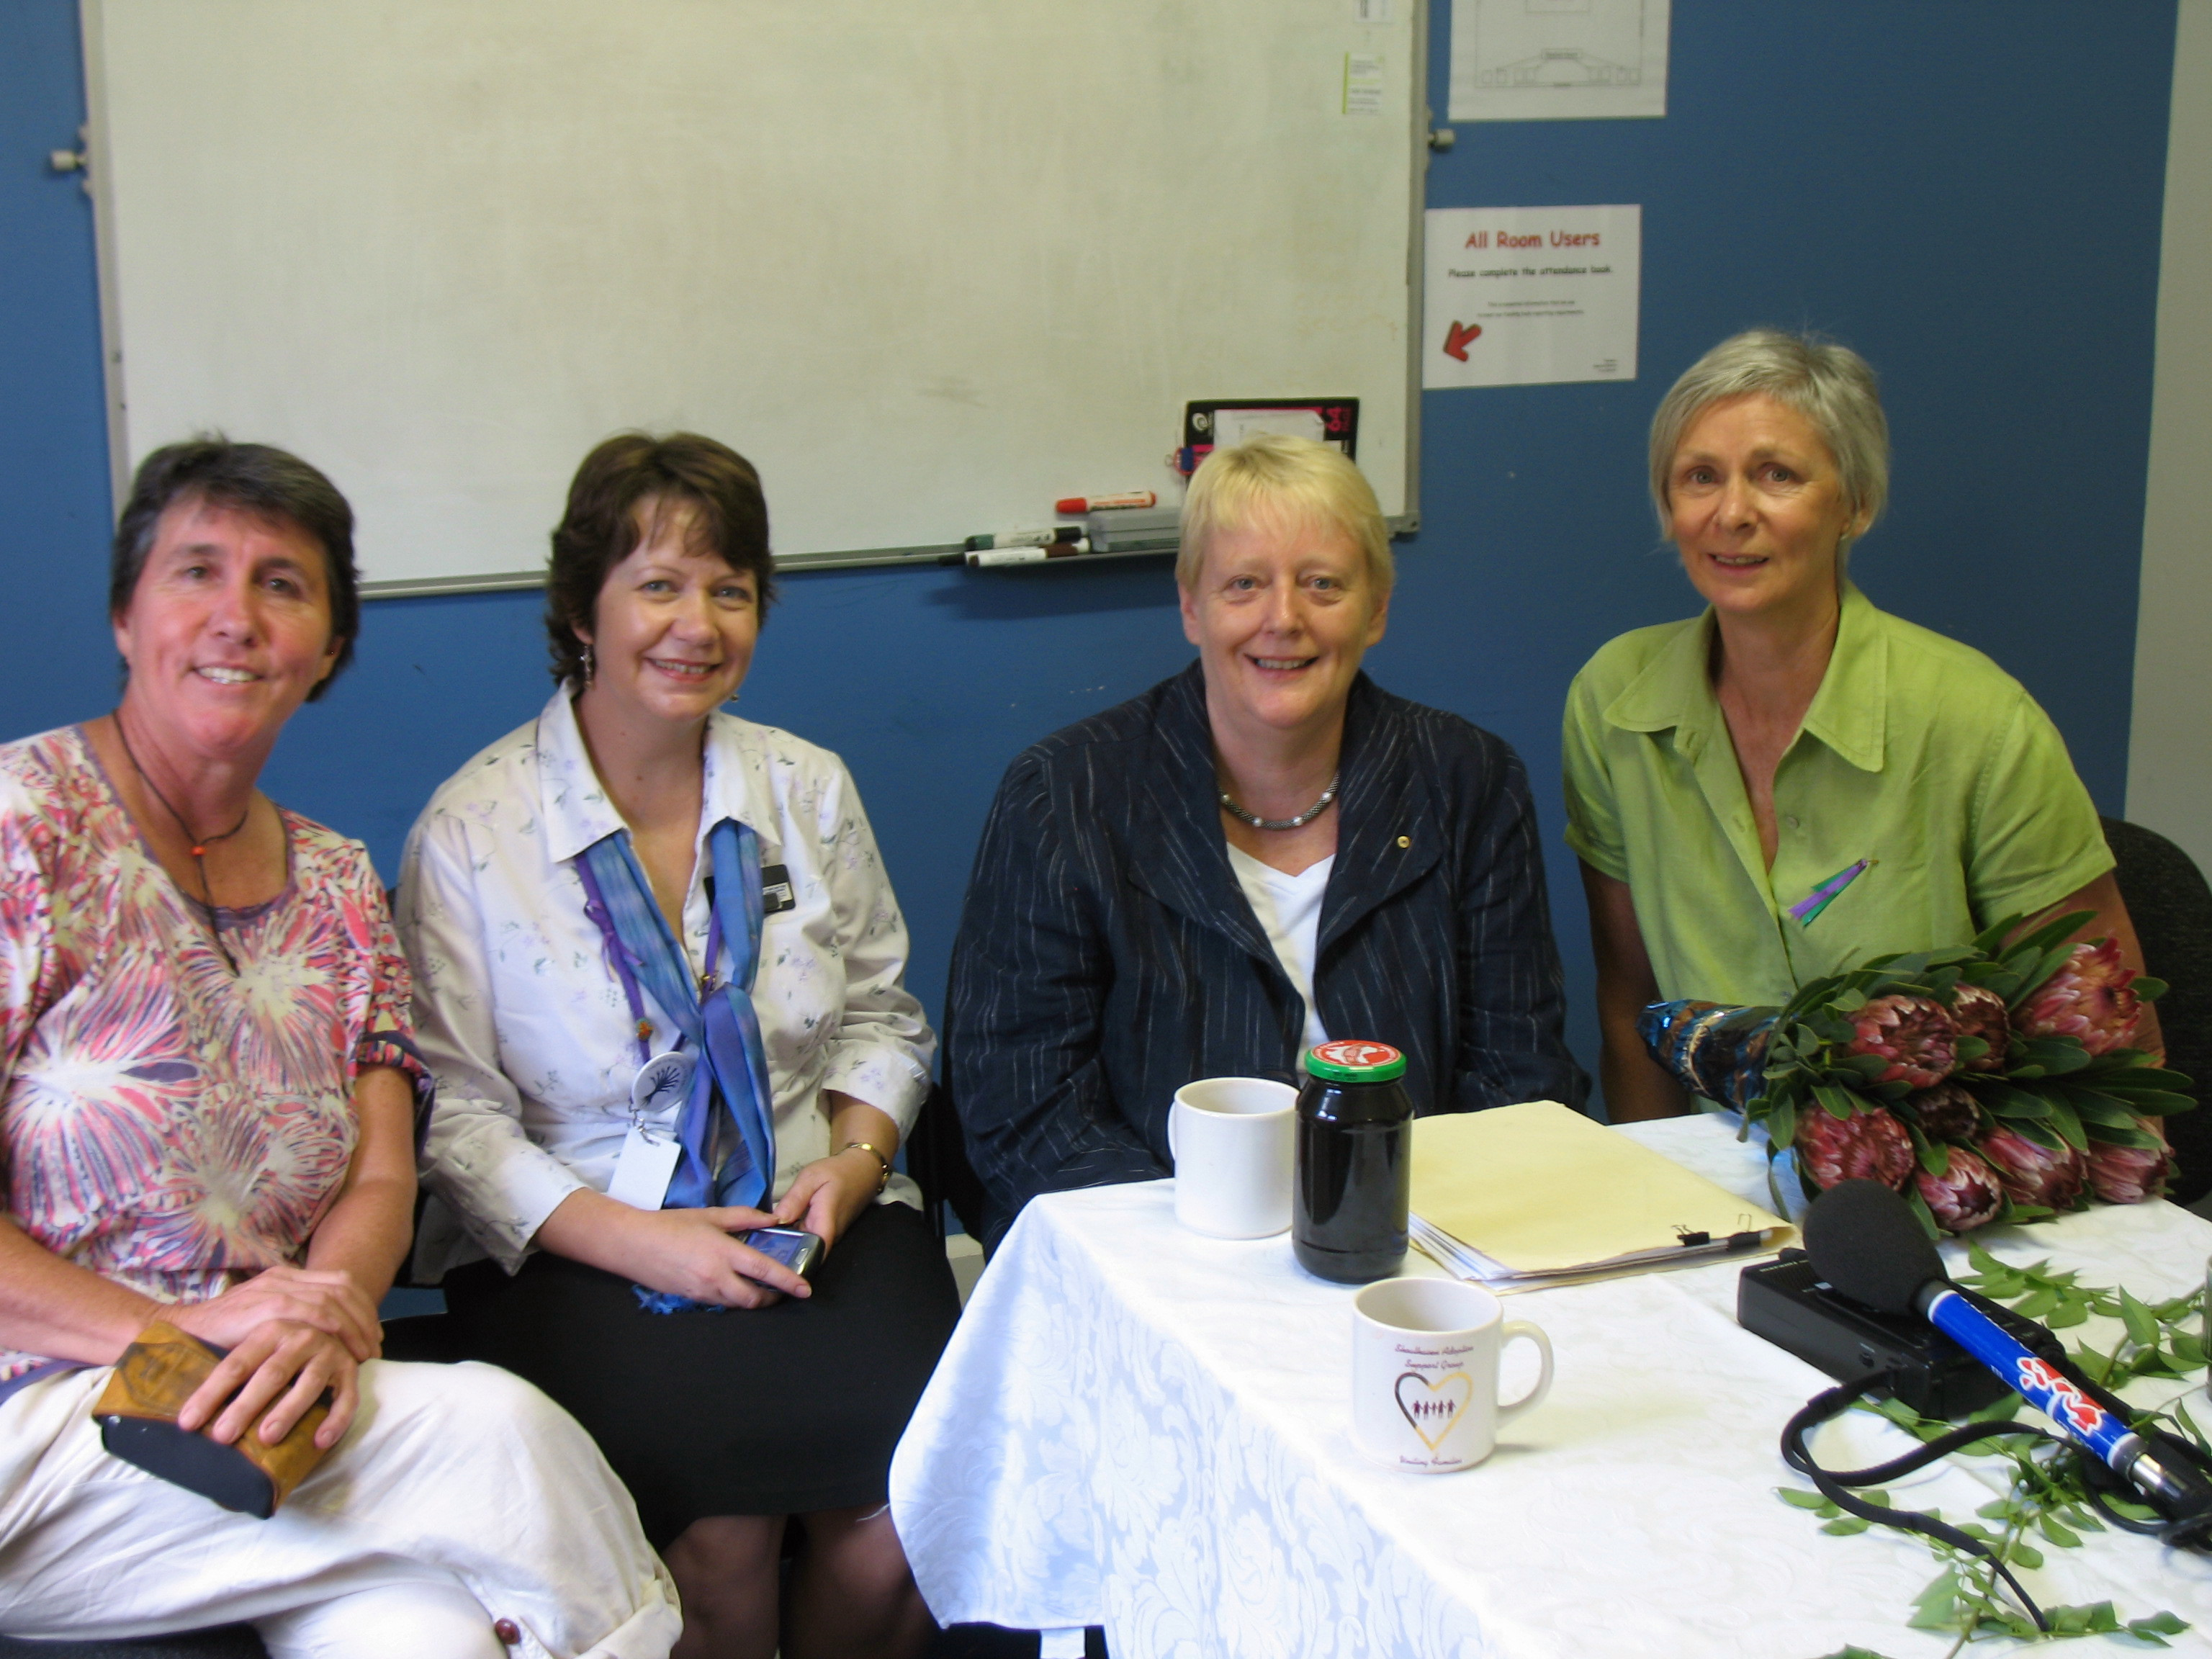 2010 IWD Breakfast: L to R, Marg McHugh, Melissa Hedges Chris Ronalds, Lynn Wallin